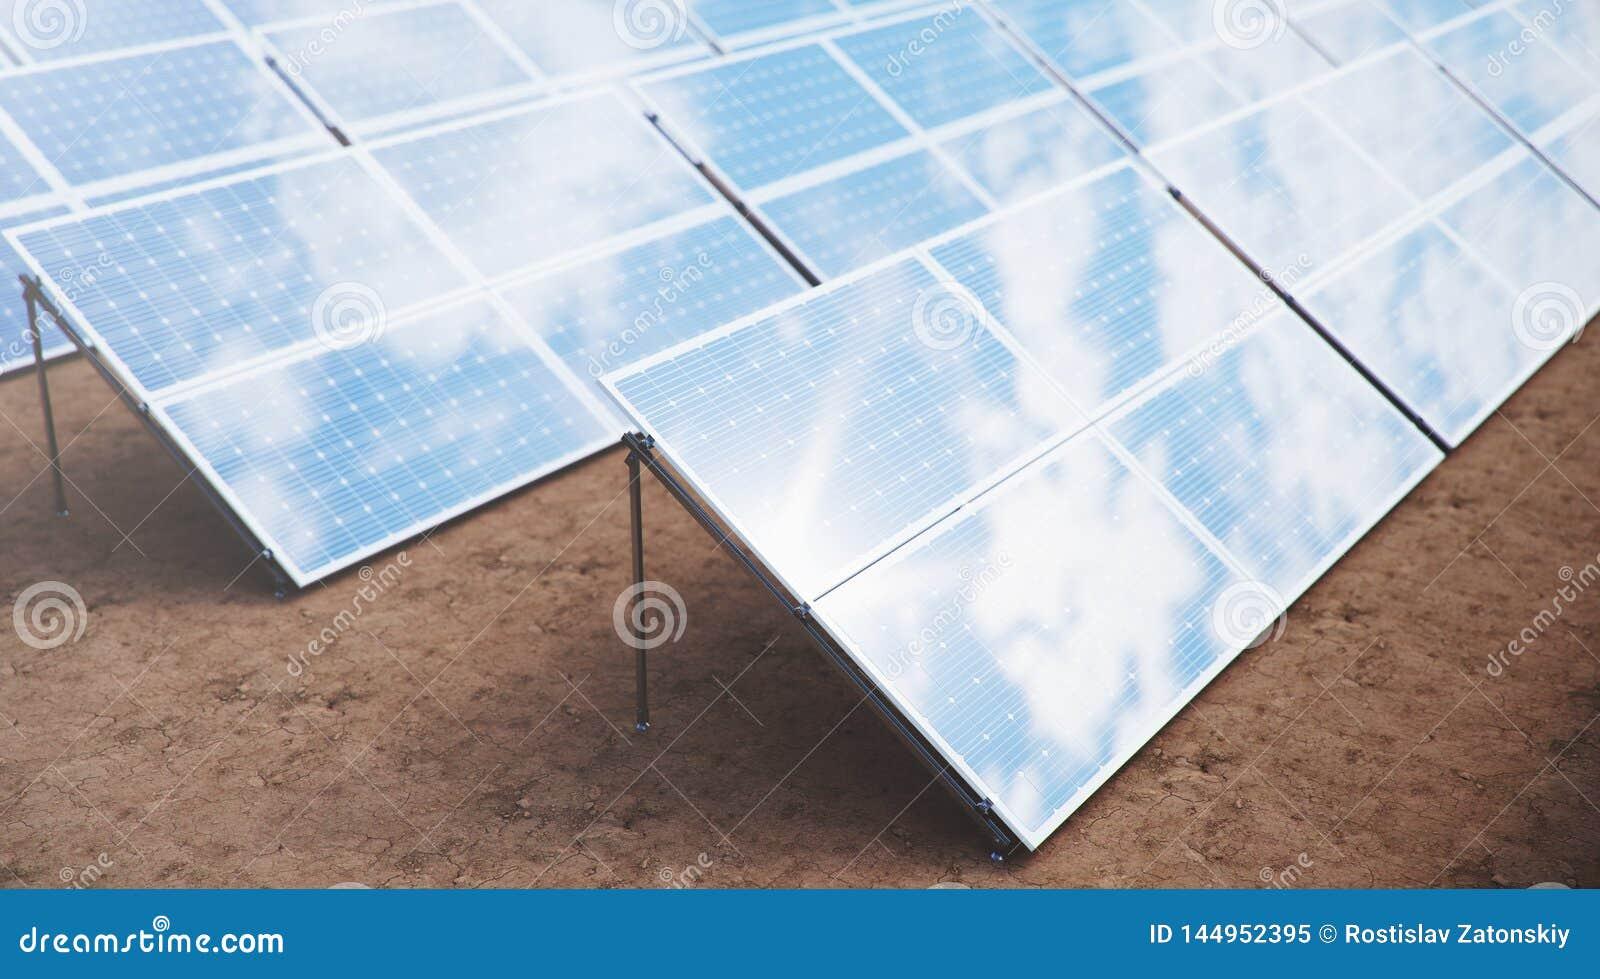 Sonnenkollektoren der Illustration 3D Alternative Energie Konzept der erneuerbarer Energie ?kologische, saubere Energie Sonnenkol